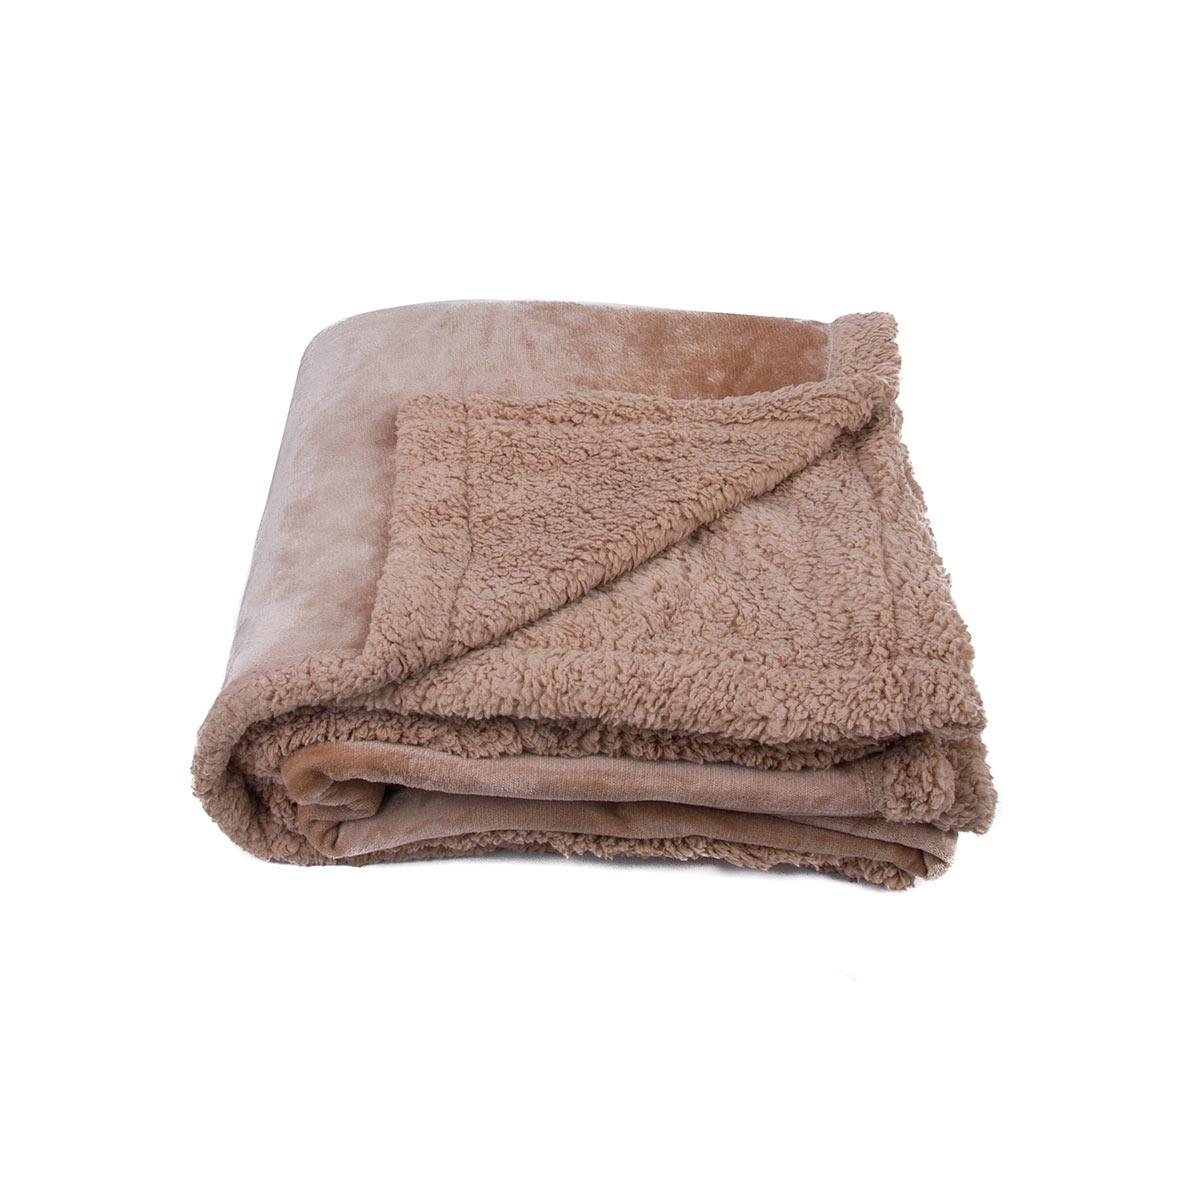 بطانية فرو خفيفة و ناعمة مقاس 240*220 سم  لون بيج